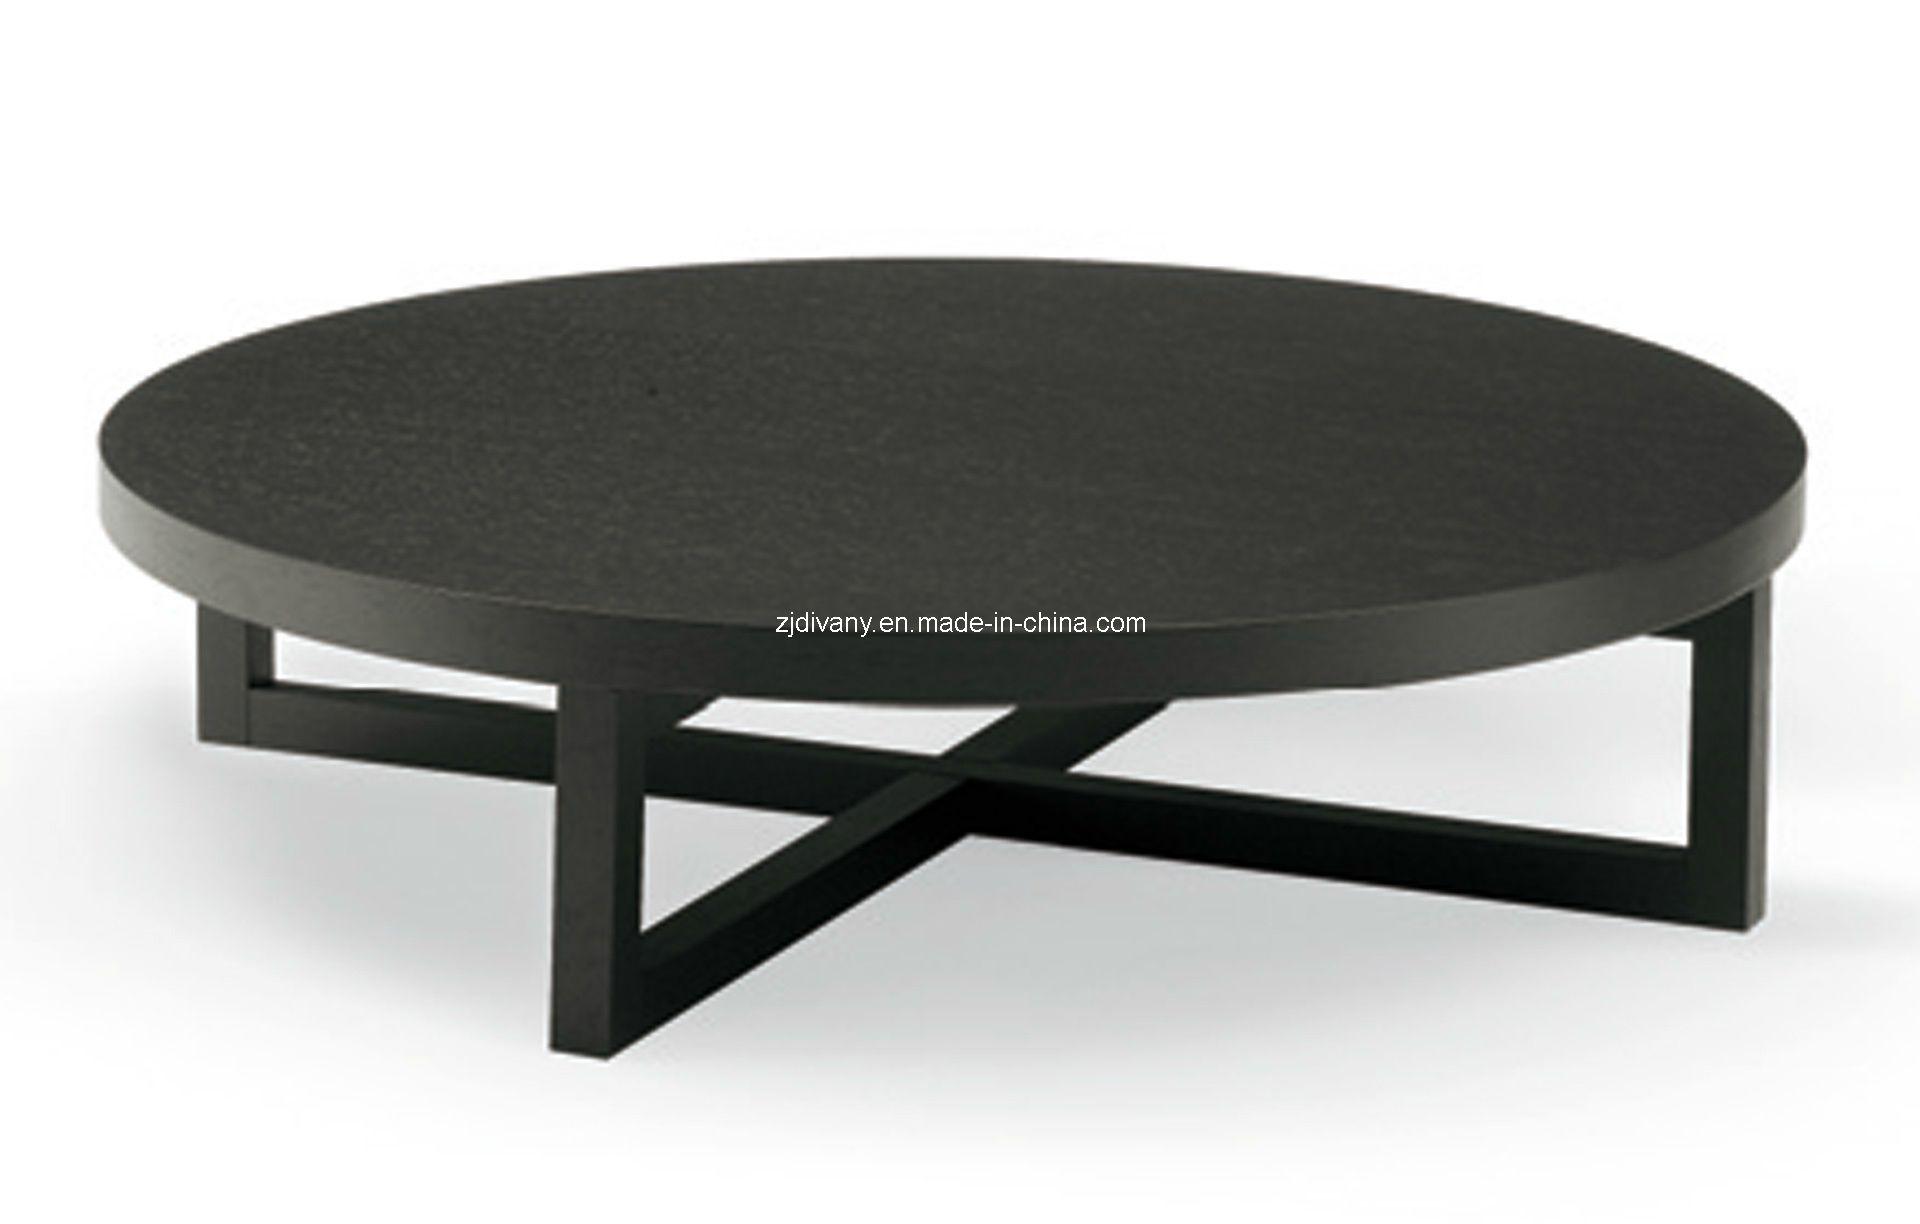 Brisbane Apartment By James Dawson Round Black Coffee Table Black Coffee Tables Coffee Table Styling [ 1500 x 1000 Pixel ]